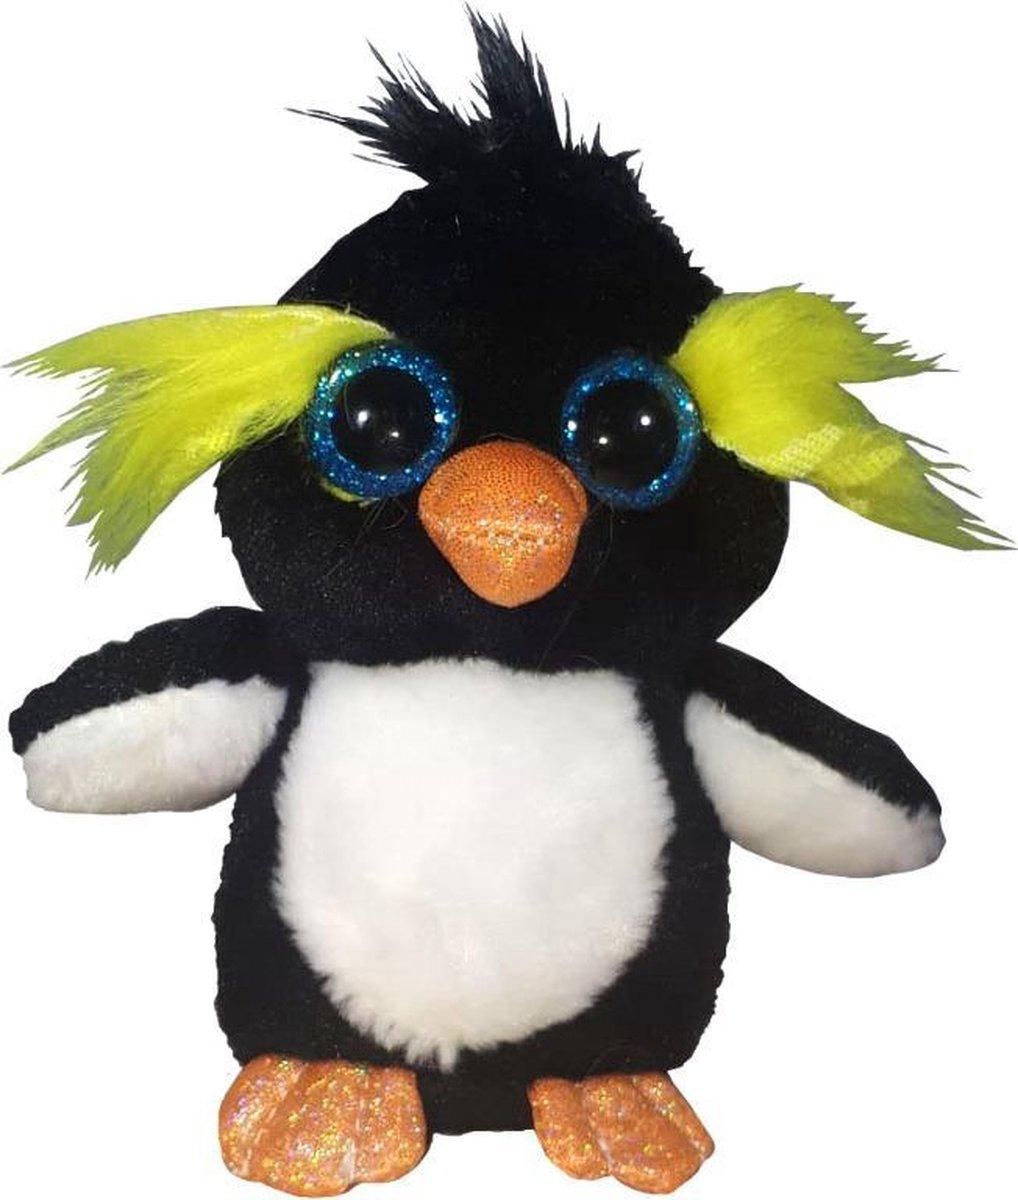 Pluche Knuffel Pinguïn Met Glitterogen 16cm